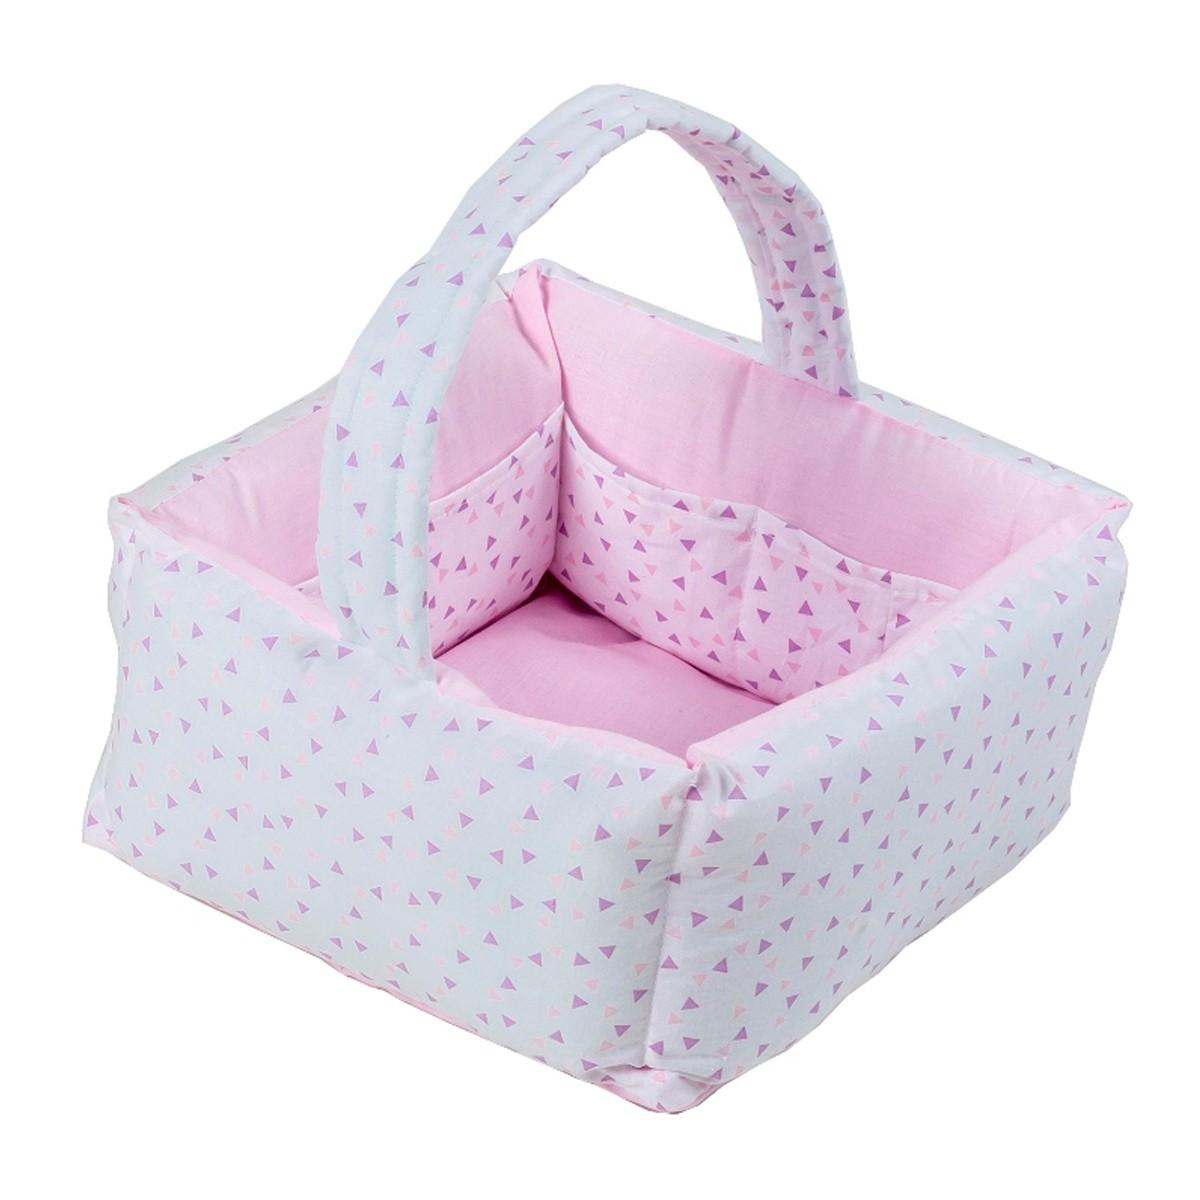 Καλαθάκι Καλλυντικών Κόσμος Του Μωρού 0794 Home Ροζ